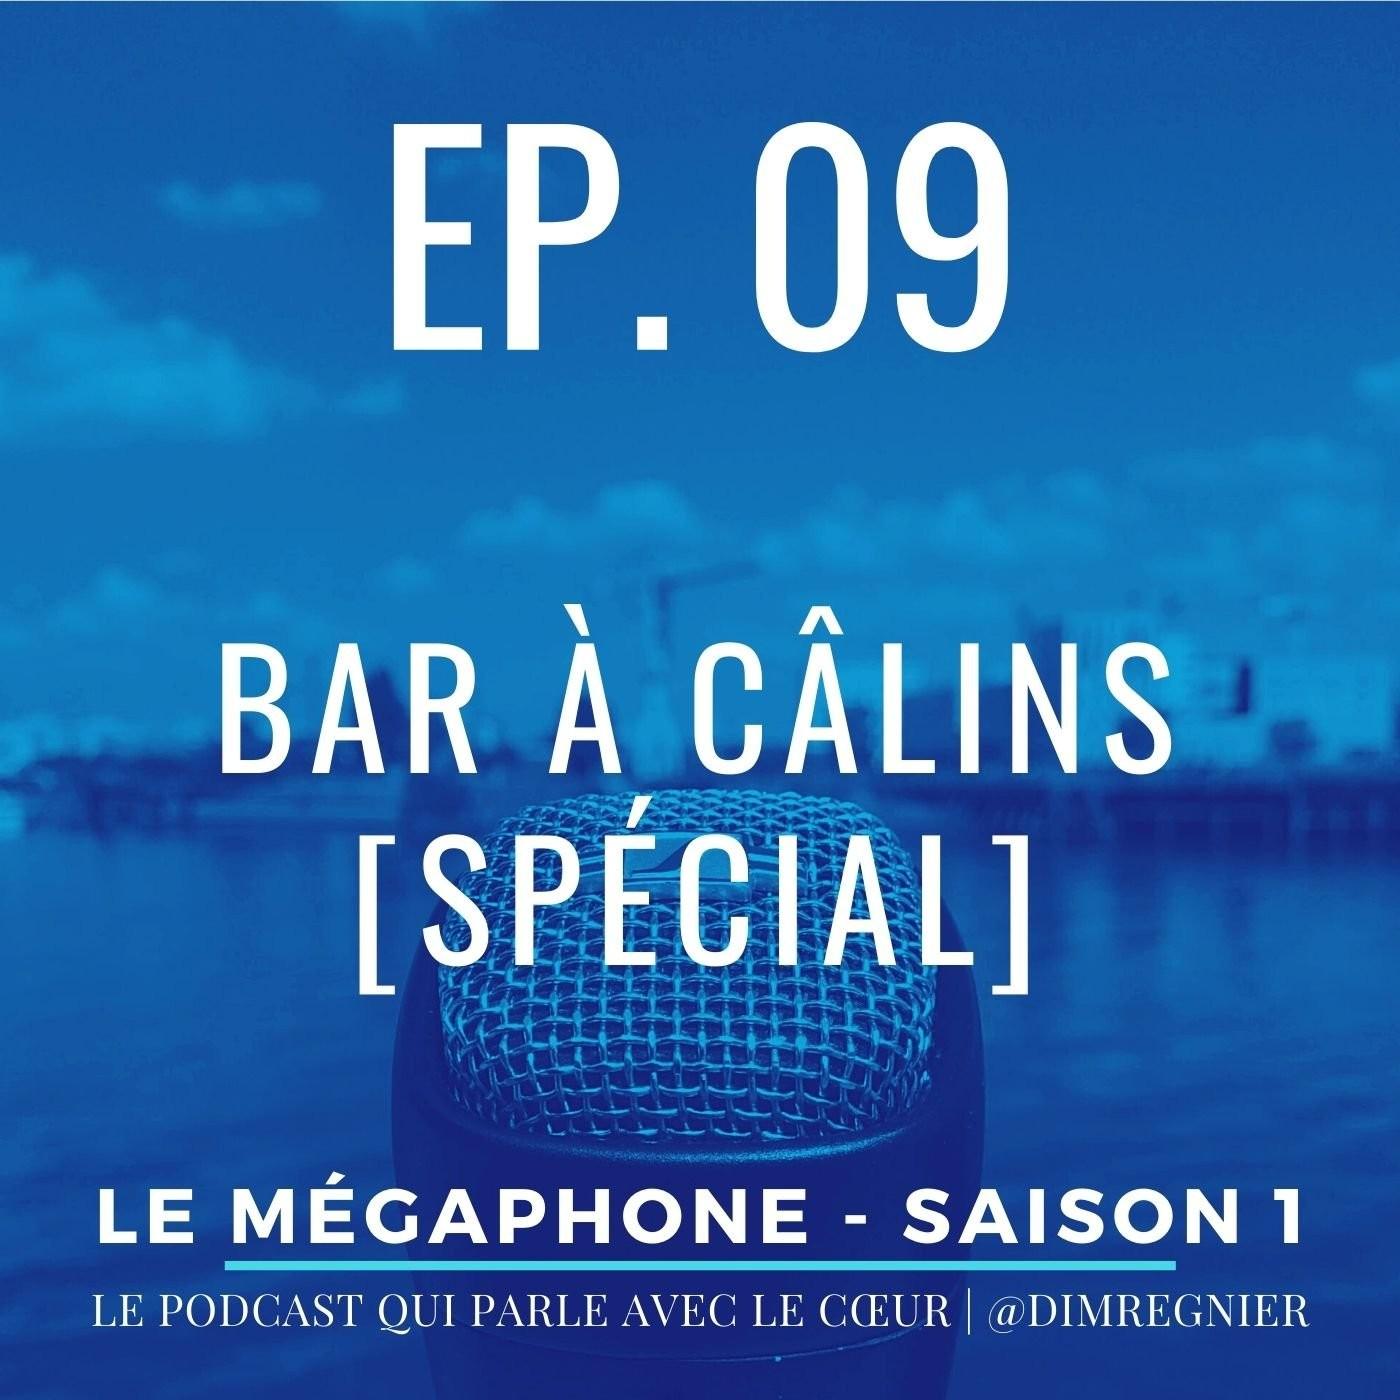 Ép. 09 - Bar à câlins avec Fabien Vehlmann